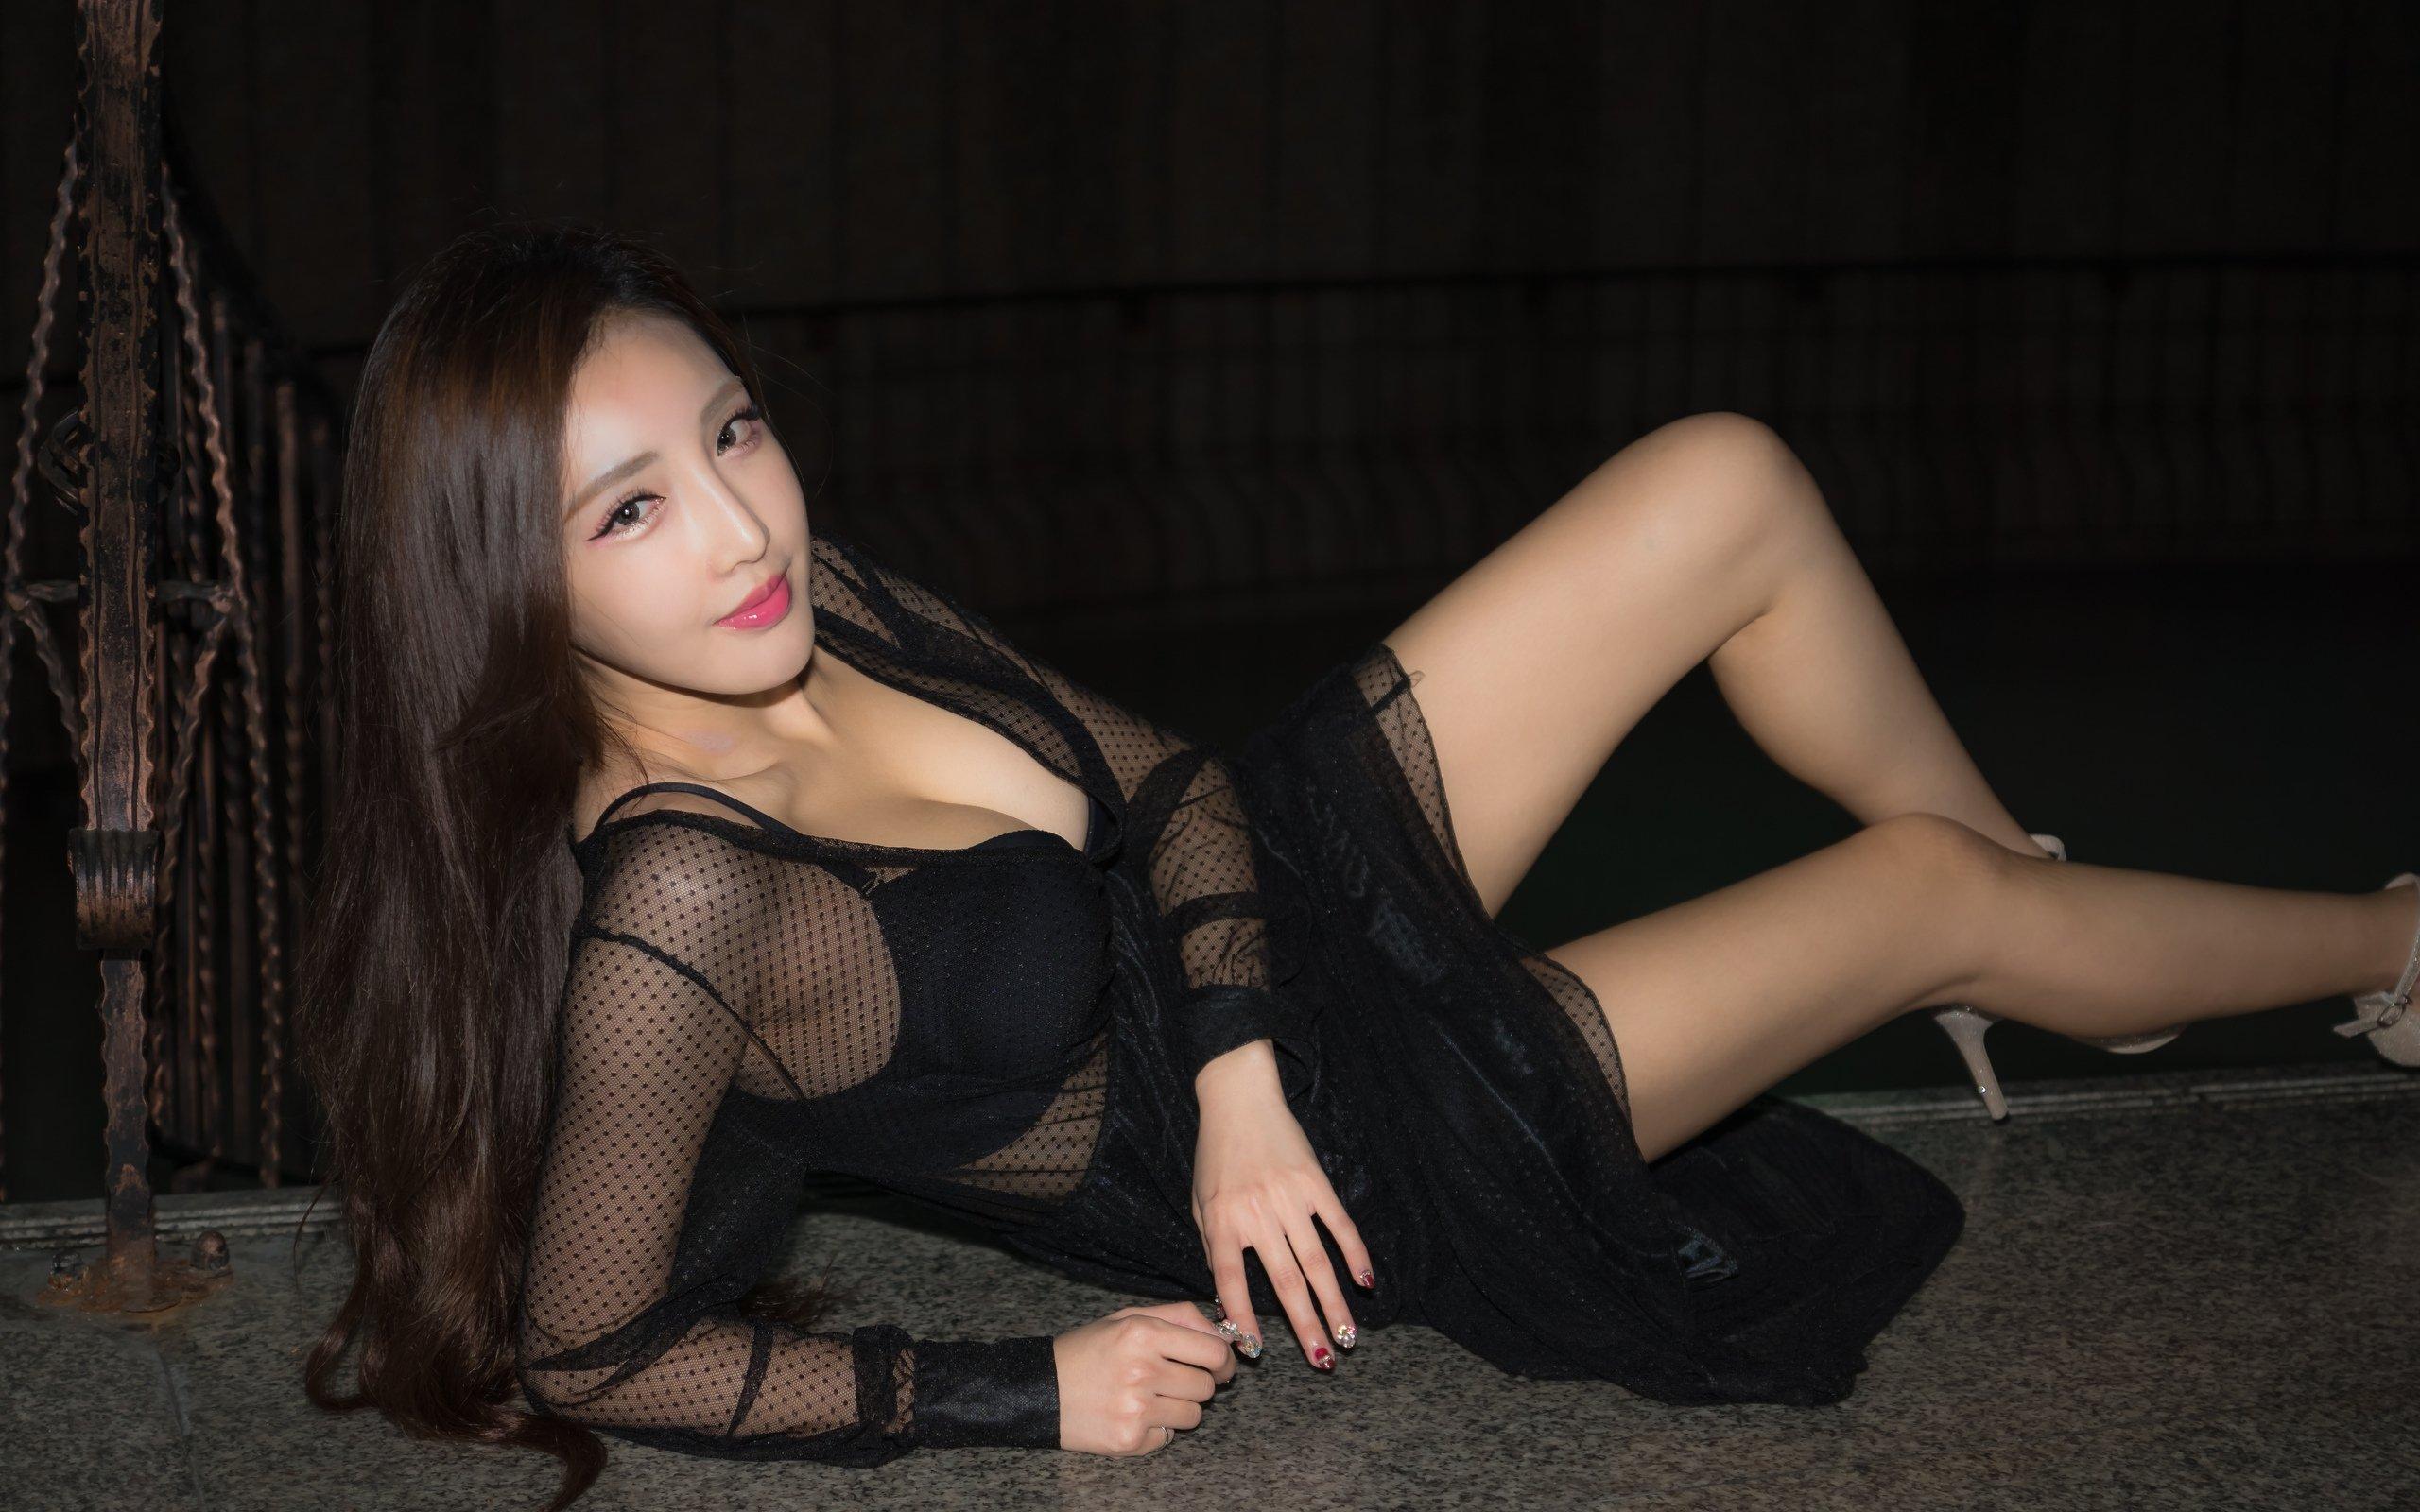 Проститутку на казахском снял малолетнюю проститутку